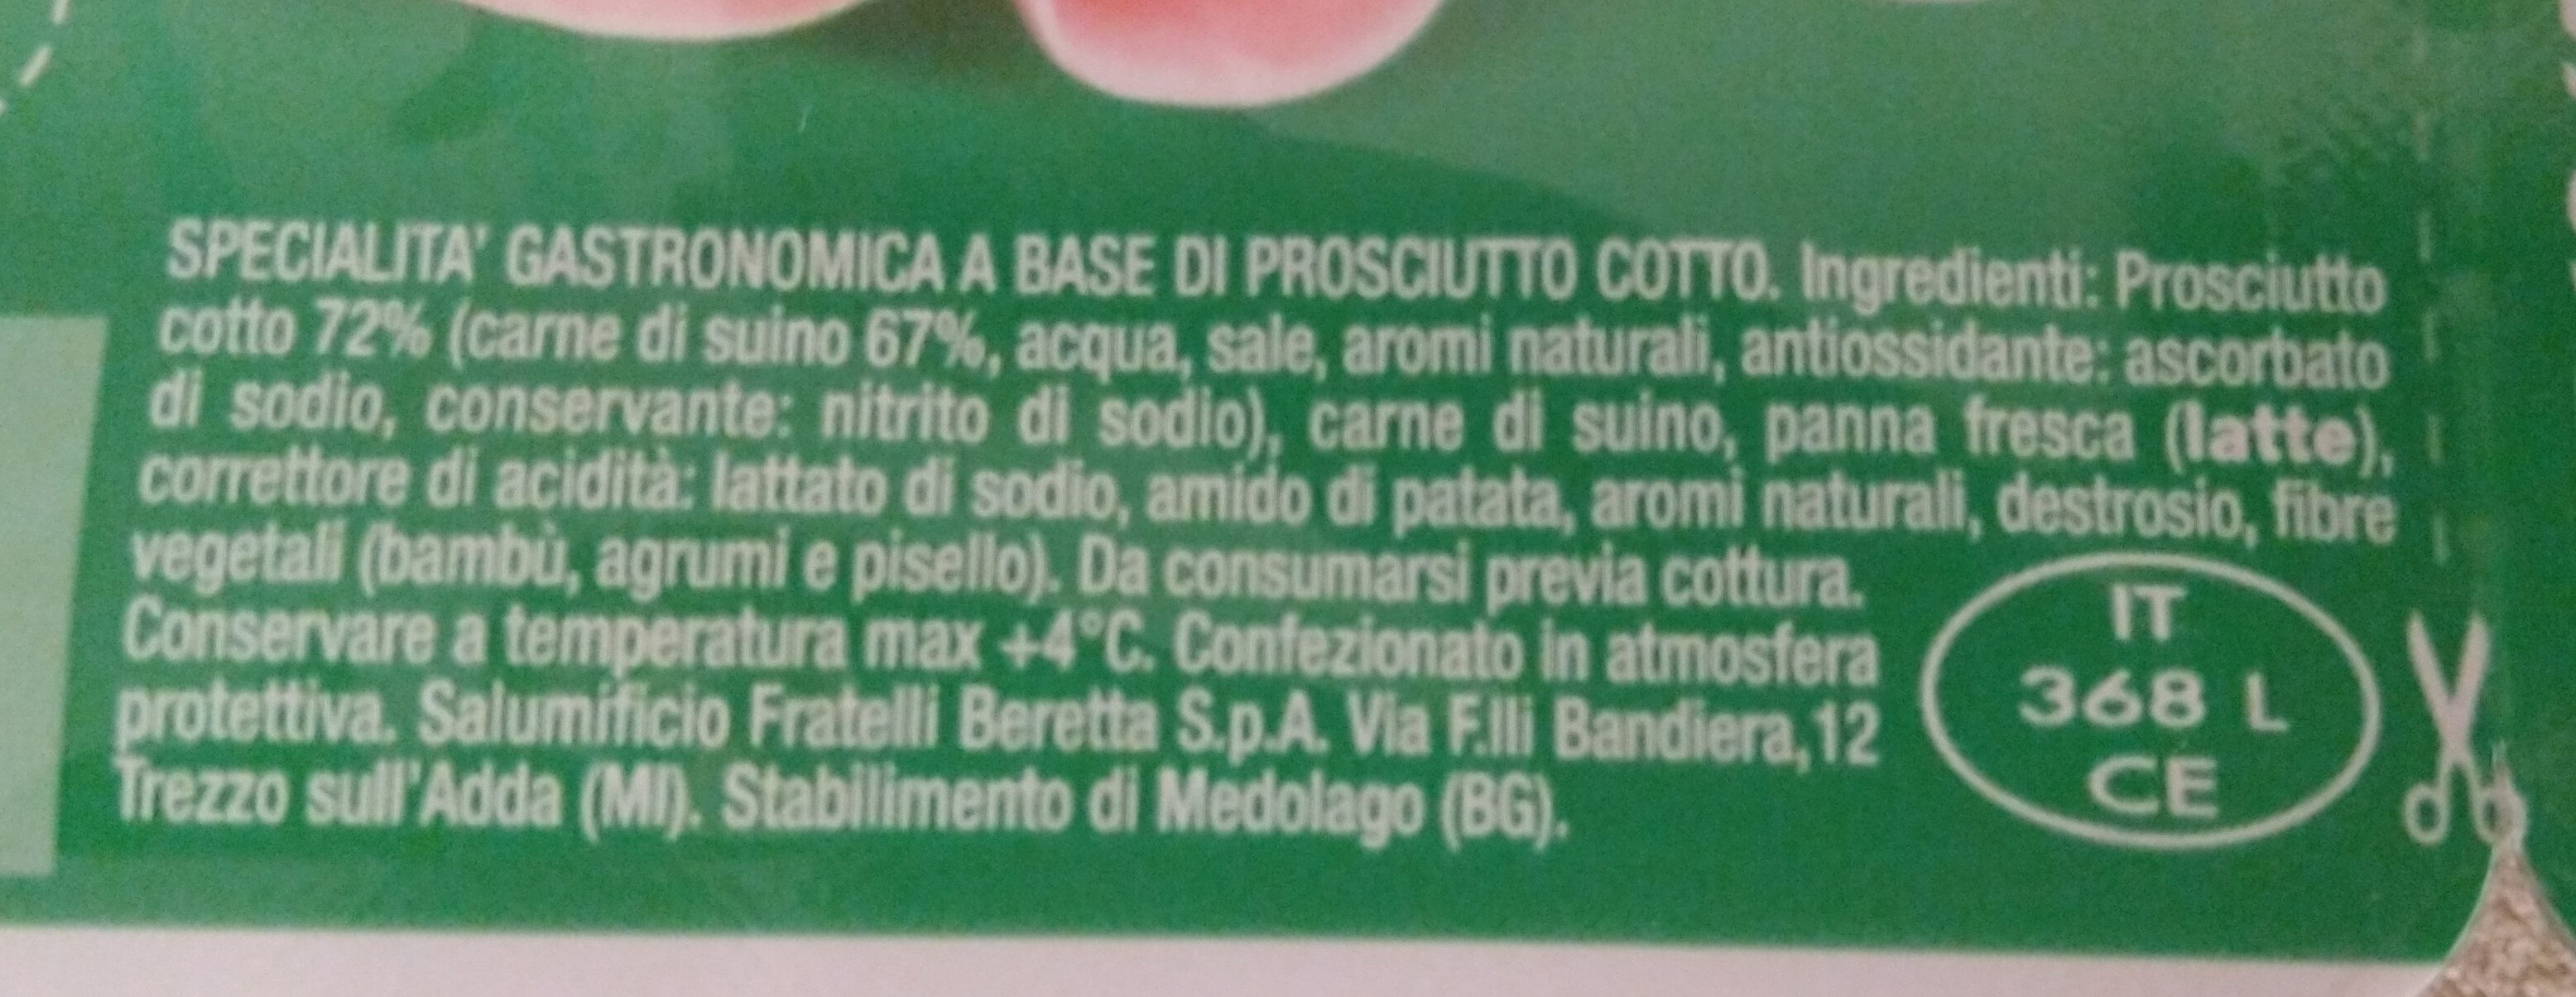 Paciocotti - Inhaltsstoffe - it